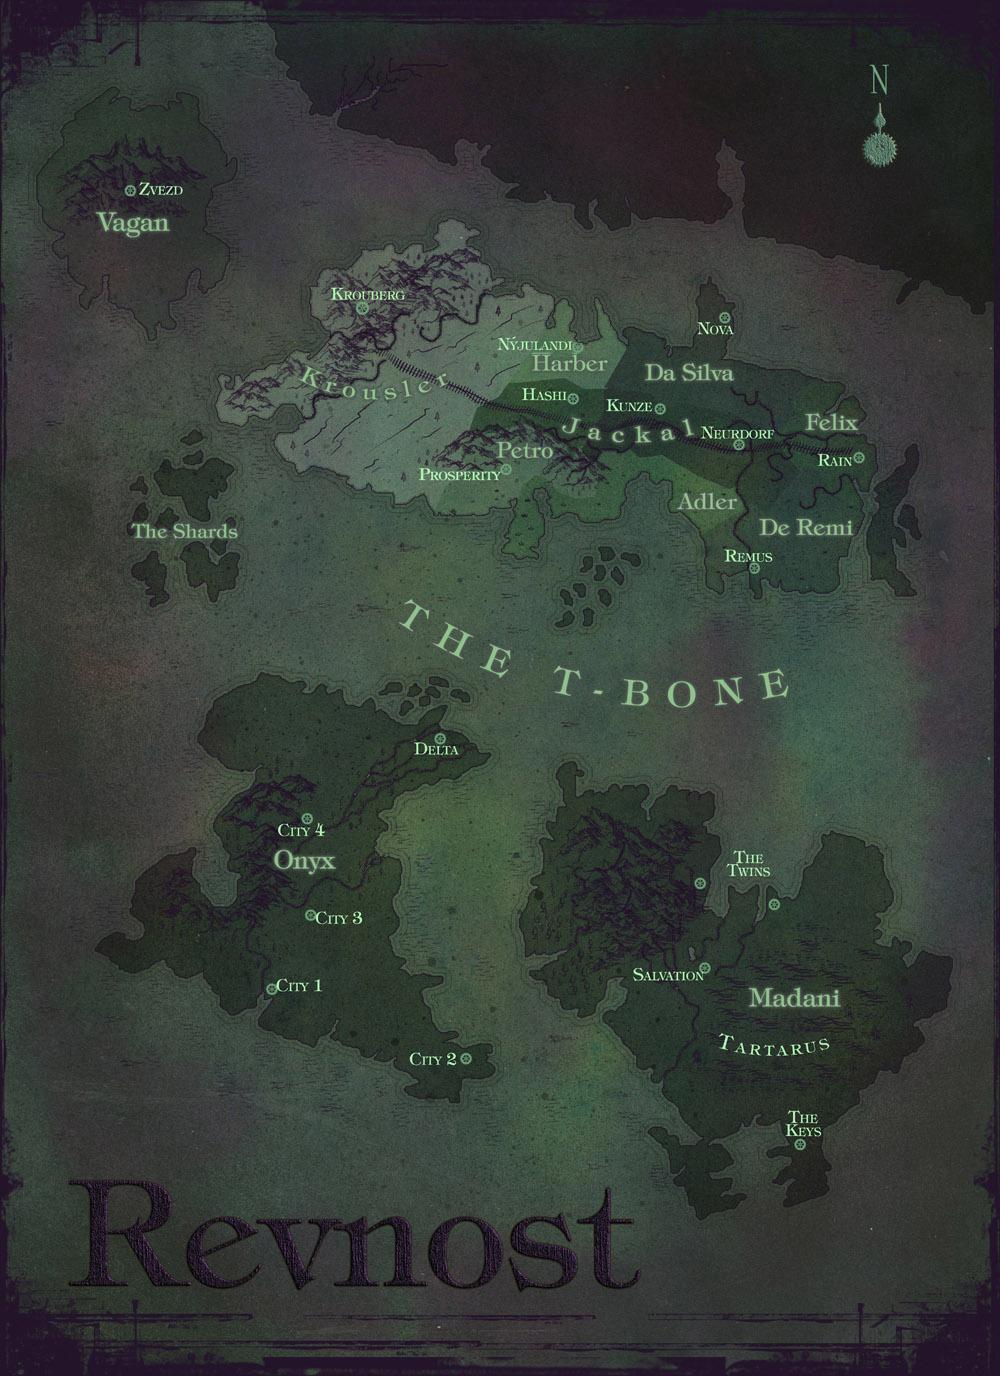 Revnost dark purple post apocalyptic map